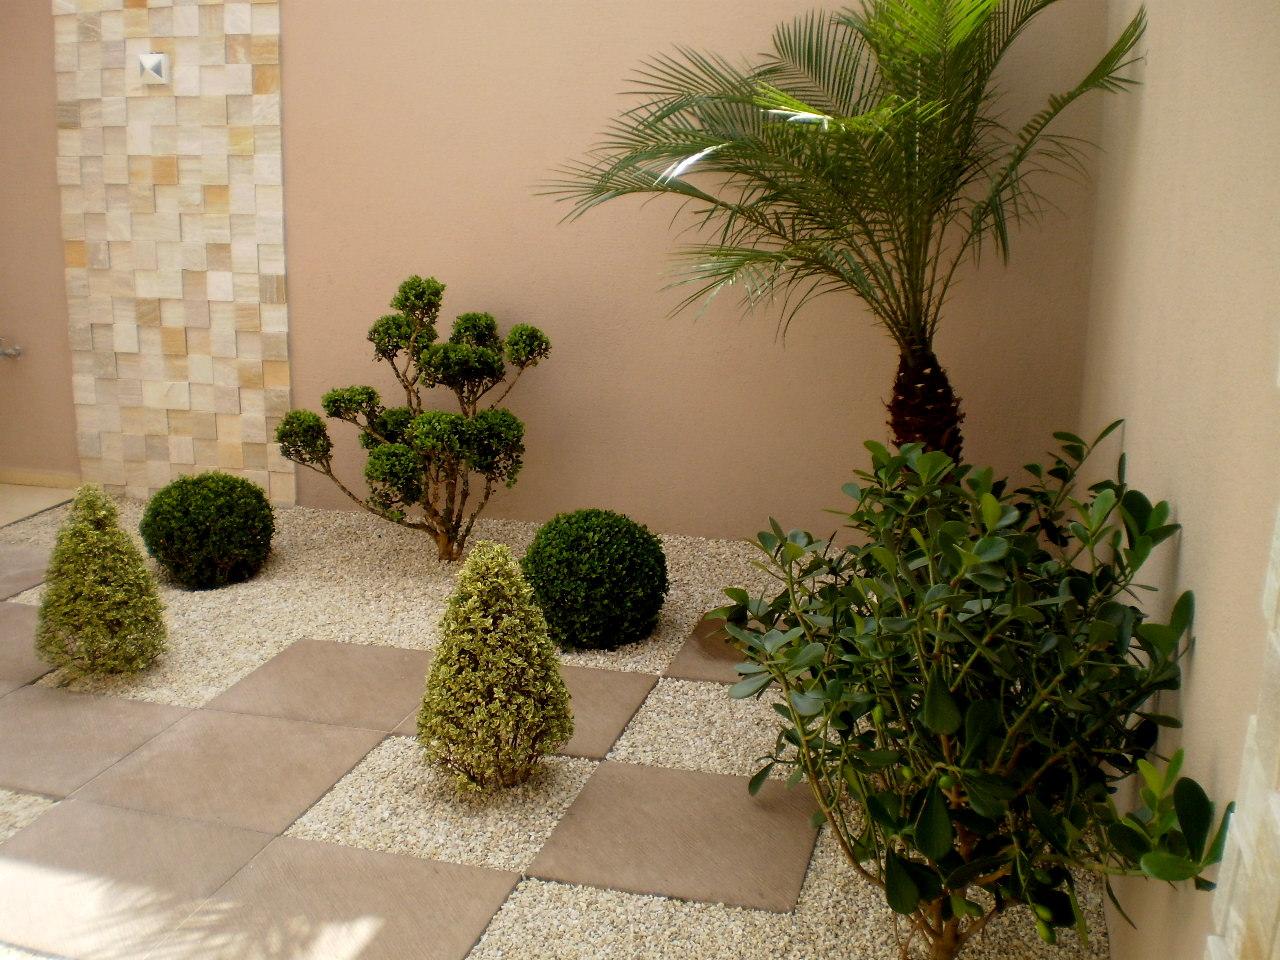 Projeto de churrasqueira e área externa – Flavia Medina  #282808 1280 960